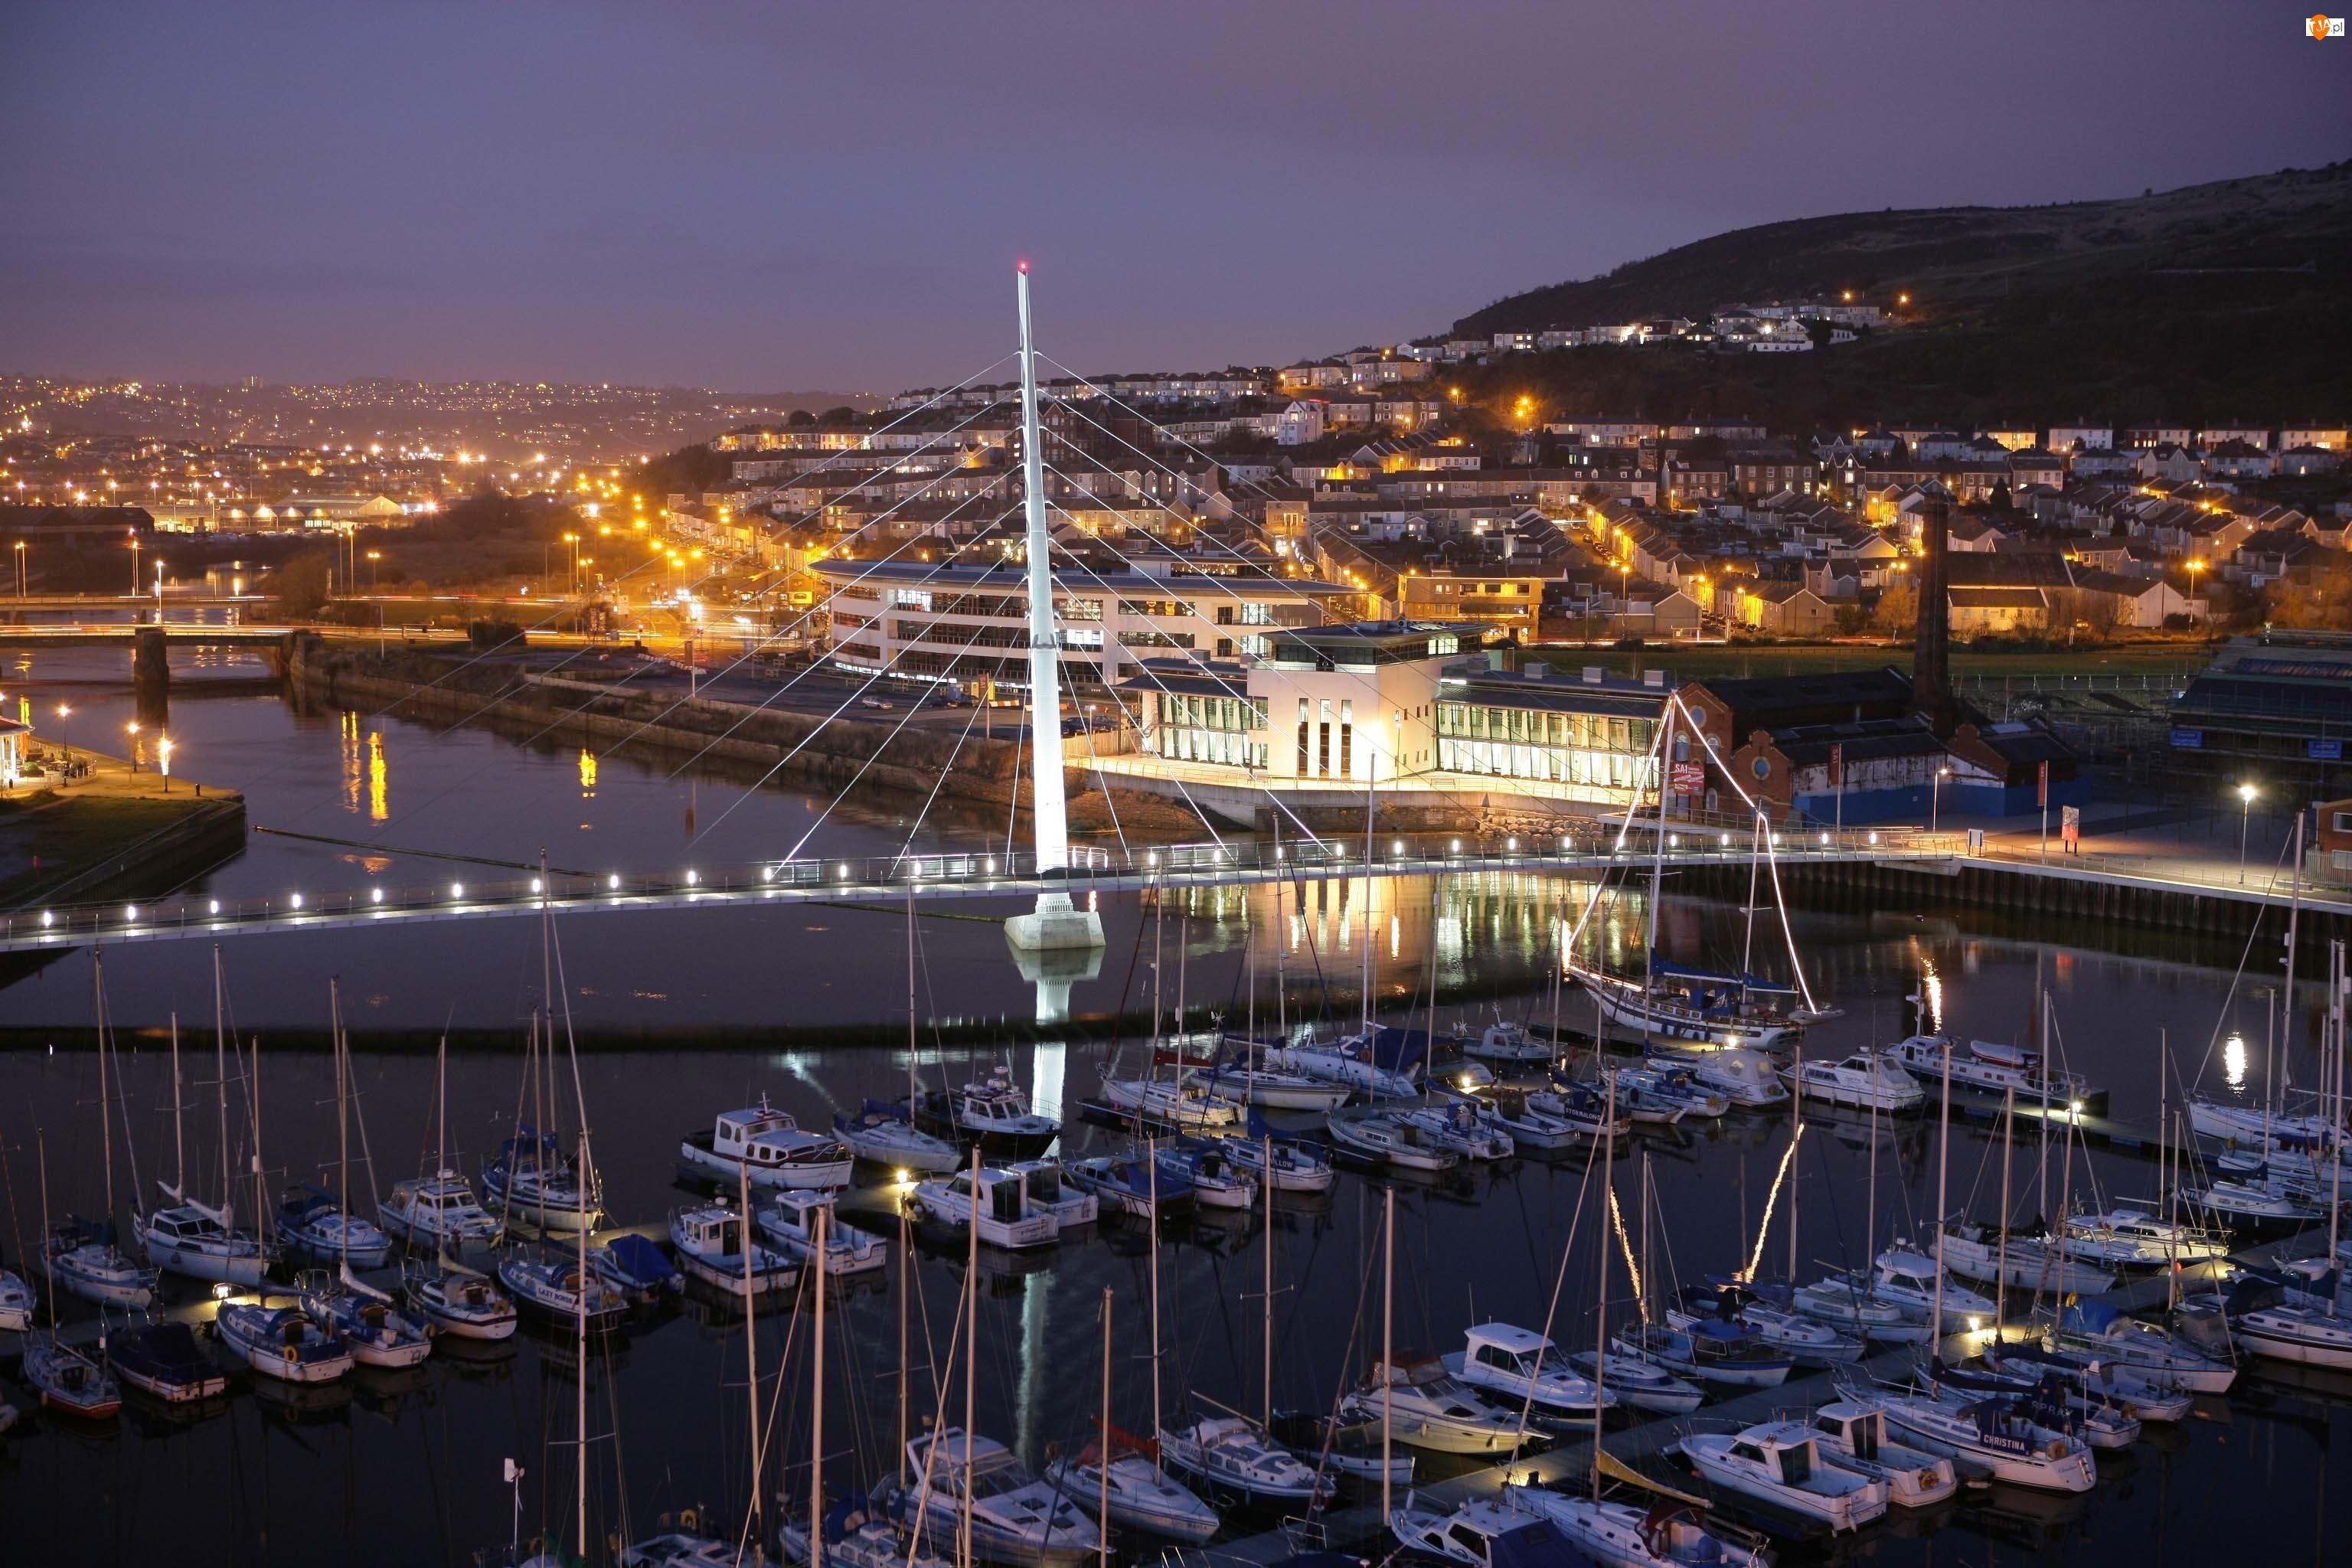 Marina, Miasto nocą, Yacht, Most